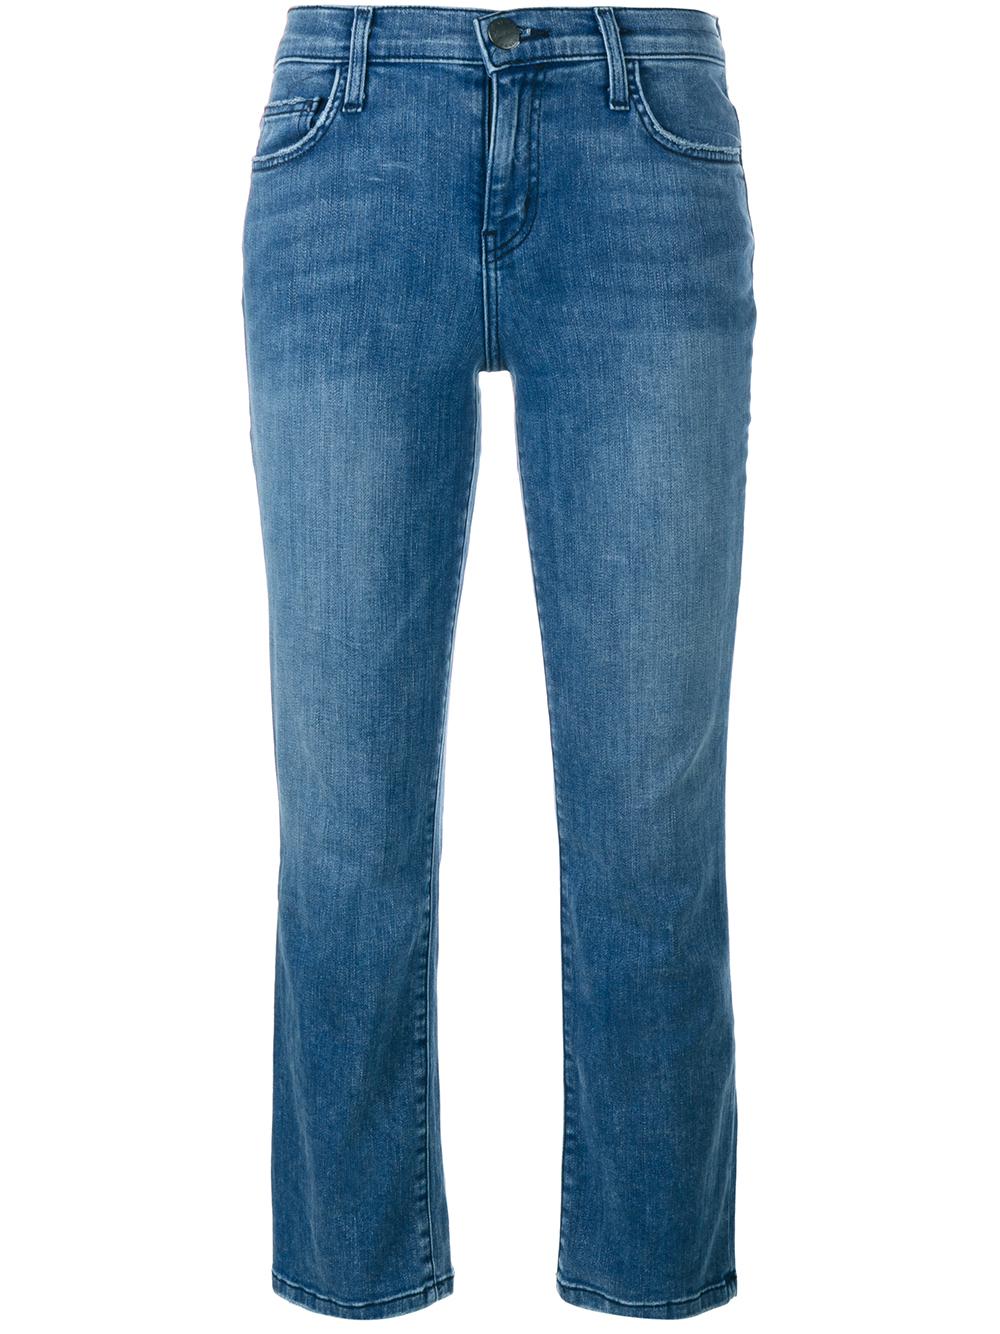 current elliott cropped kick flare jeans in blue denim lyst. Black Bedroom Furniture Sets. Home Design Ideas